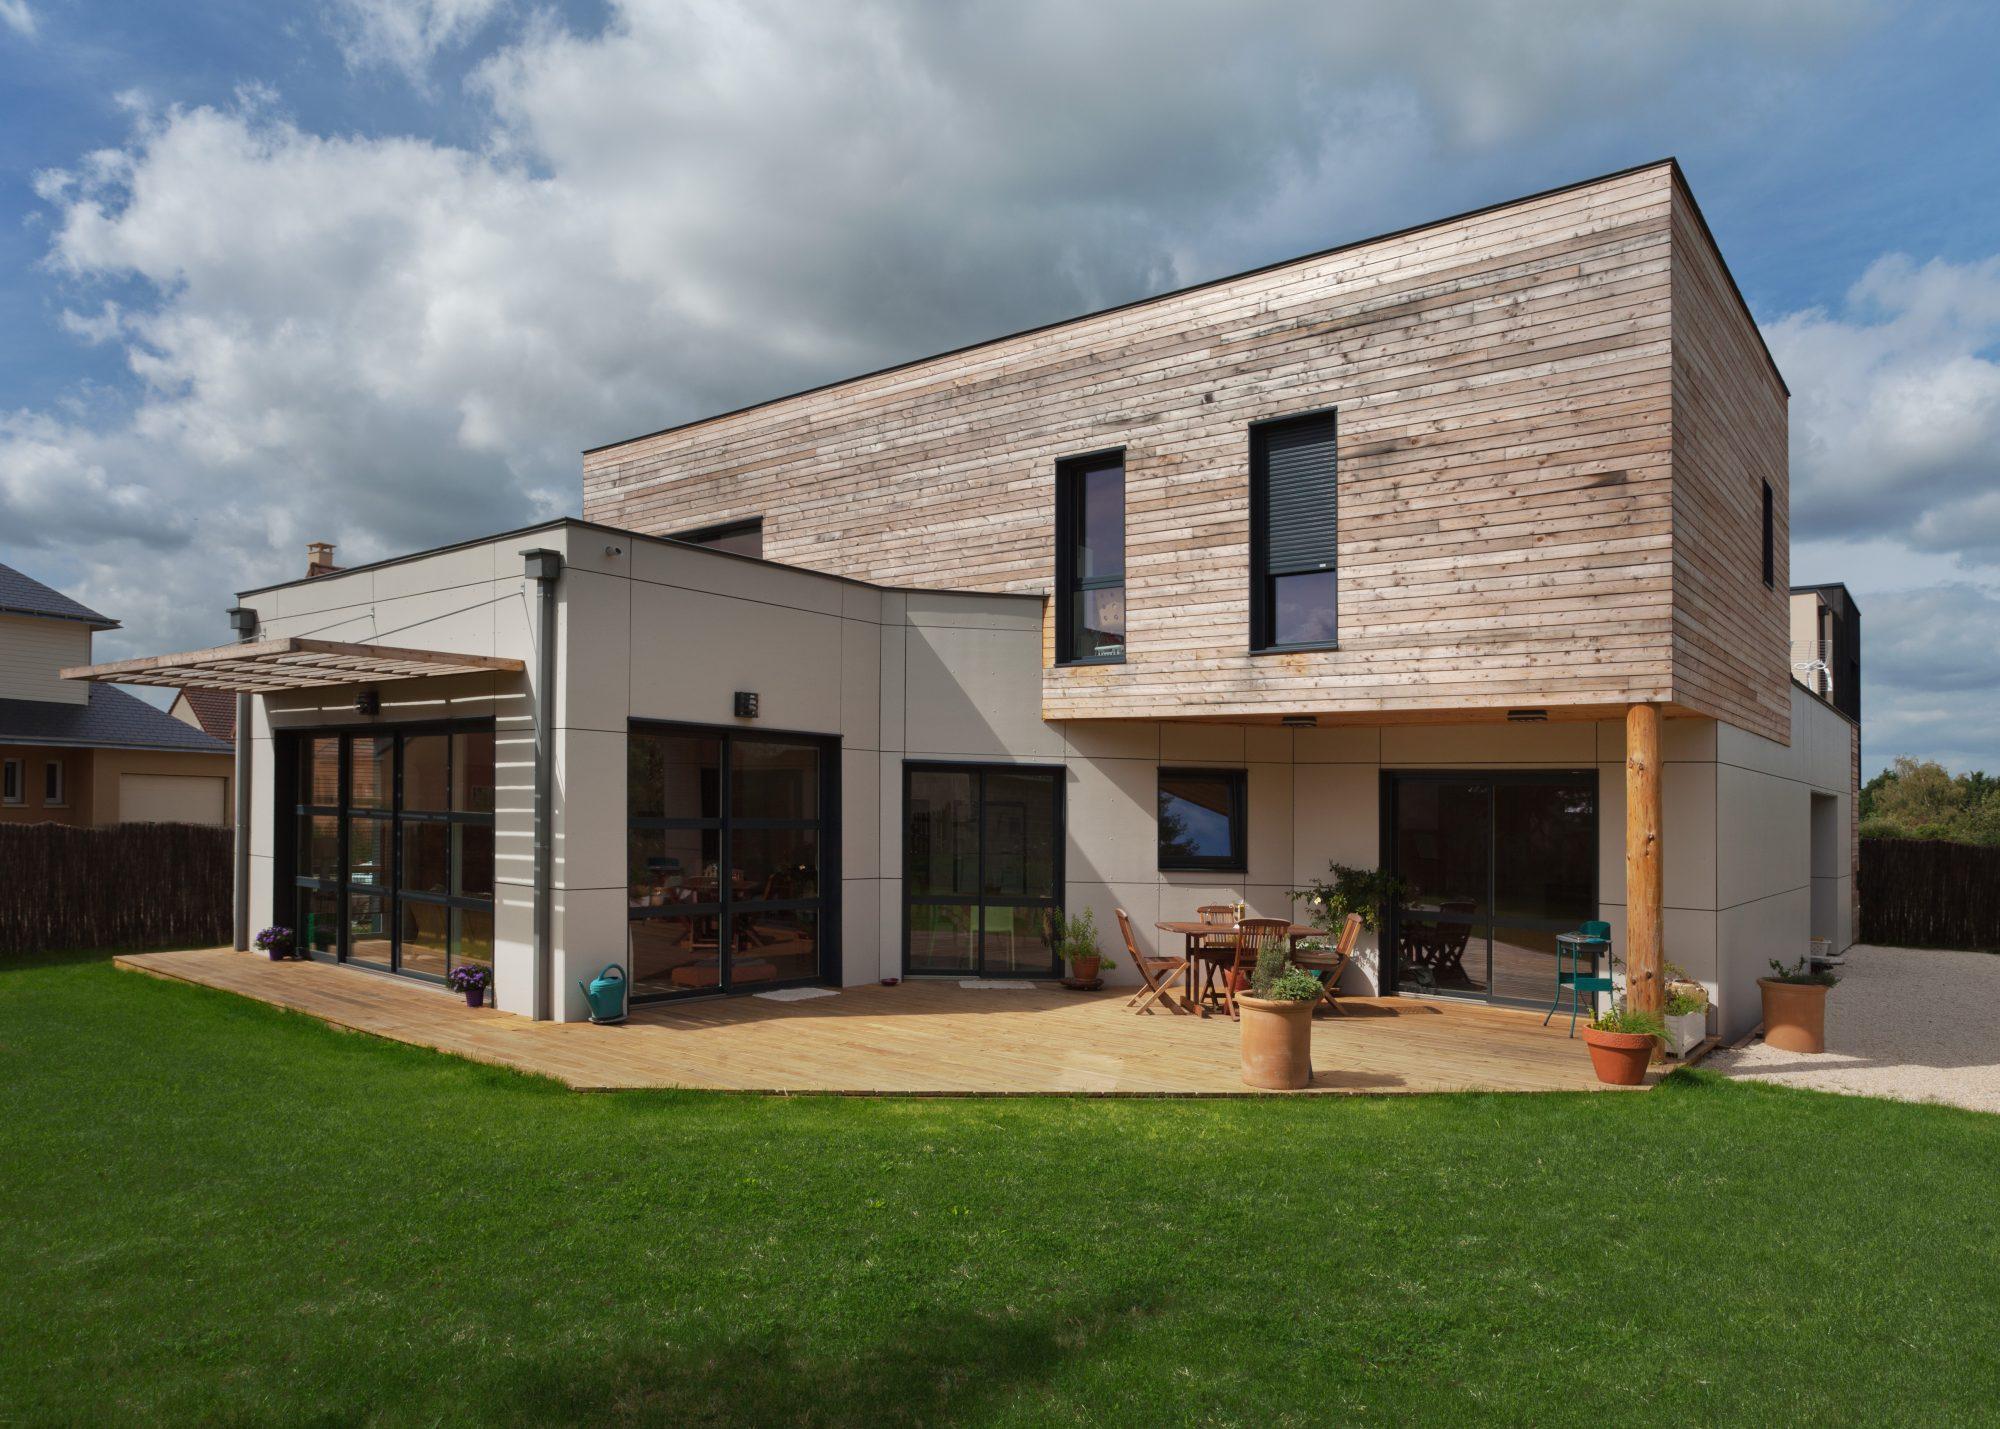 Nature et logis constructeur agr maisons de qualit for Constructeur maison saone et loire